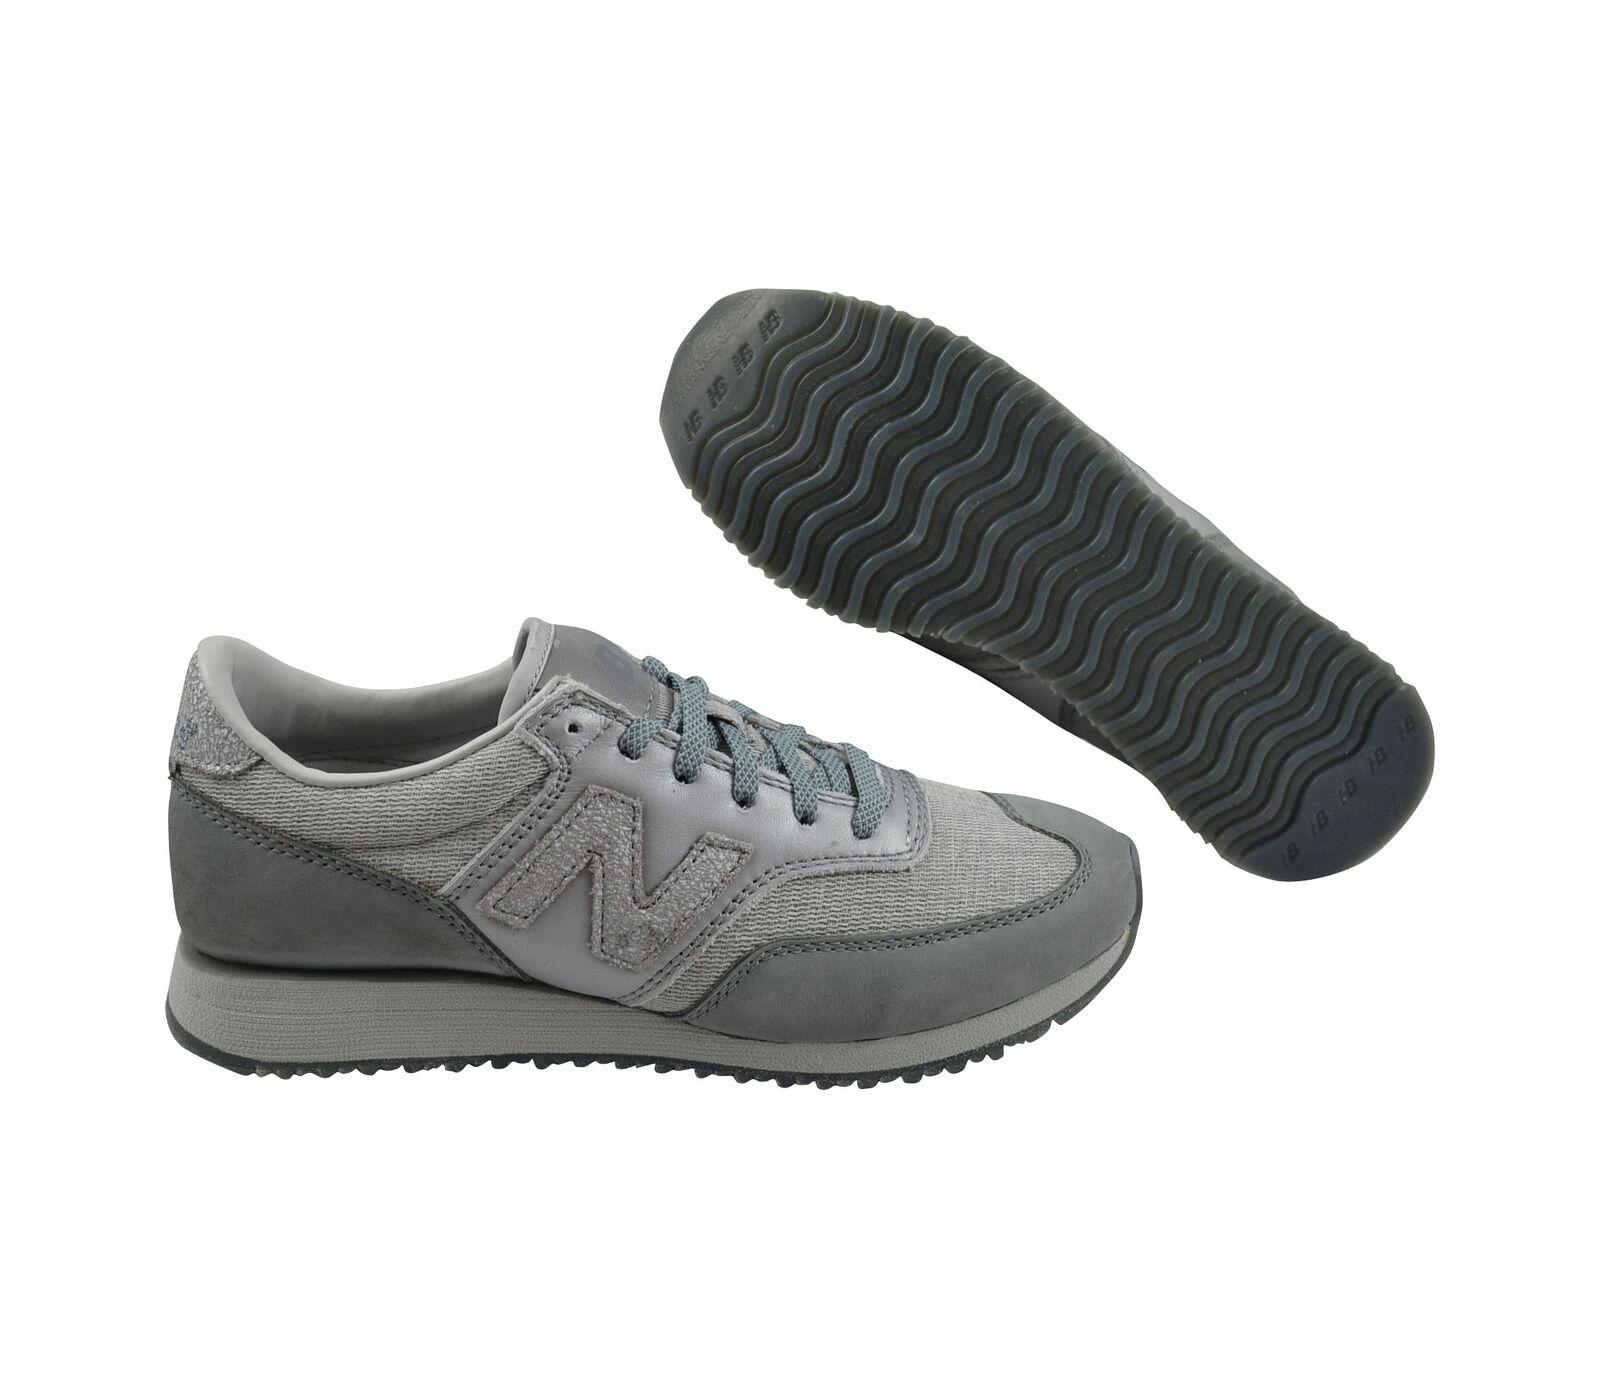 New Balance CW620 Bgg Gris Chaussures / Baskets Gris Édition Spéciale